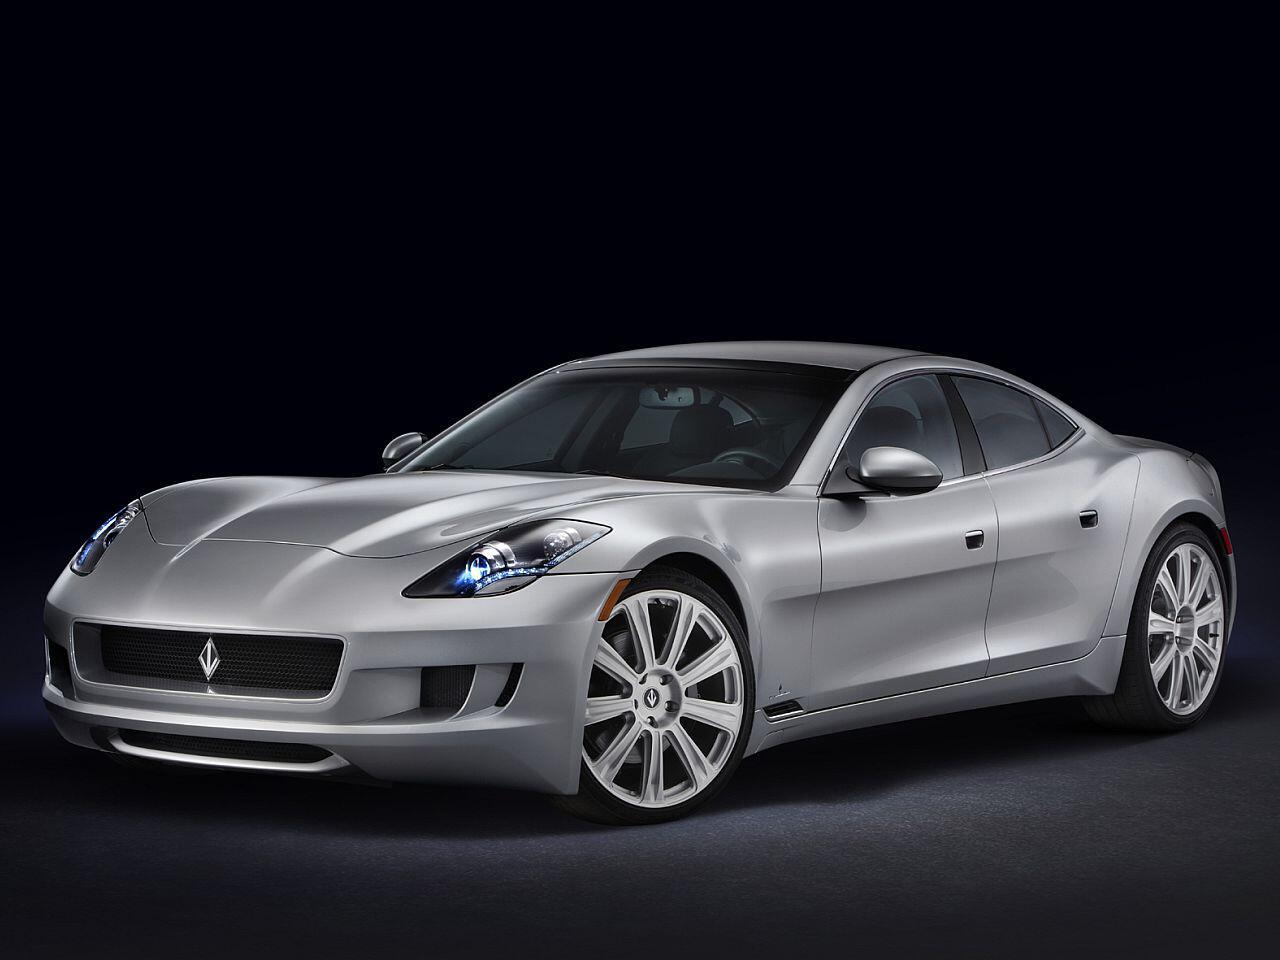 """Bild zu """"Destino"""": Fisker Karma mit Corvette-Antrieb"""